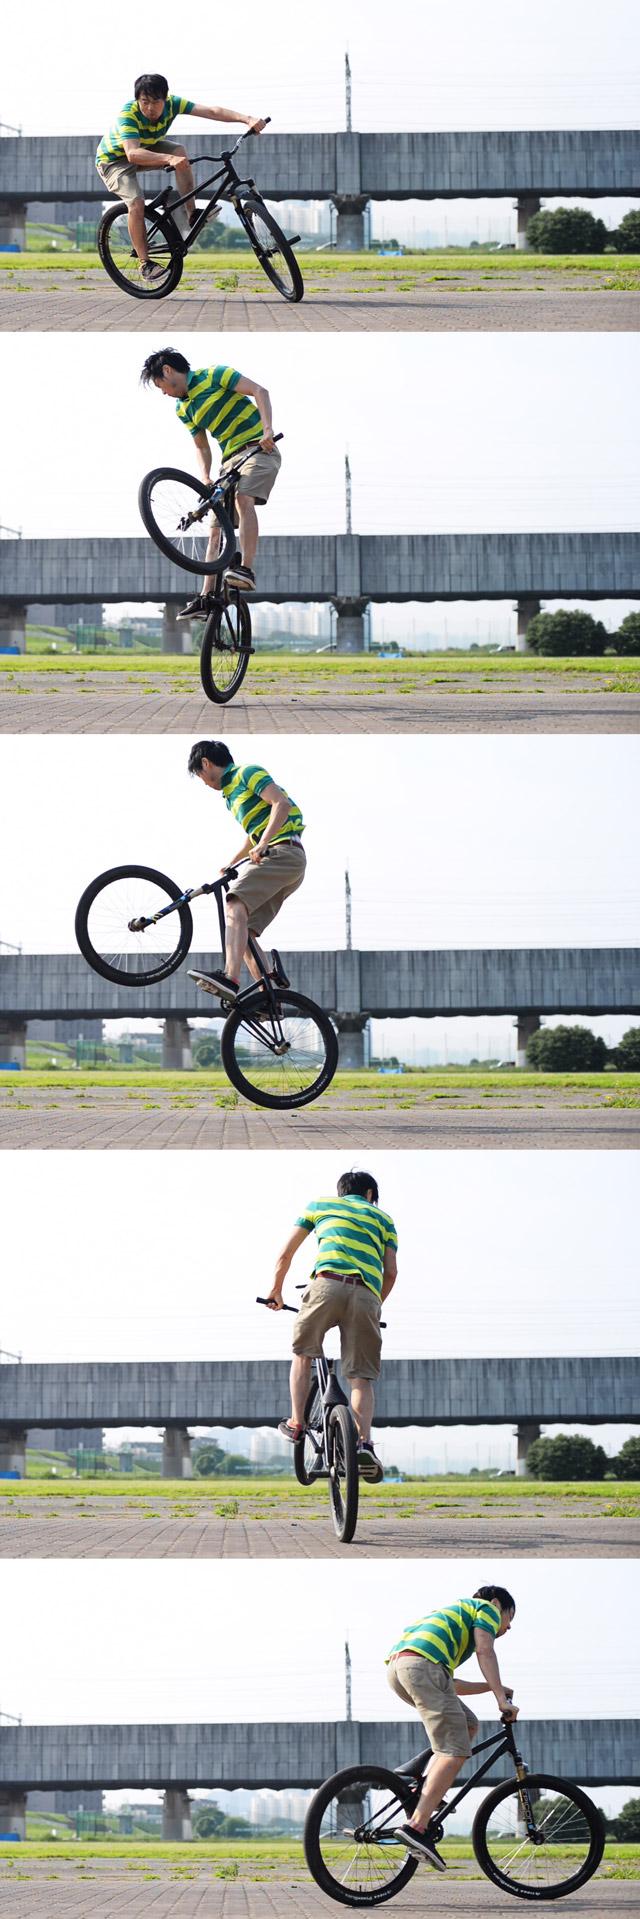 MTB マウンテンバイクSHAKA 多摩川河原サイクリングロード バニーホップロックウォーク